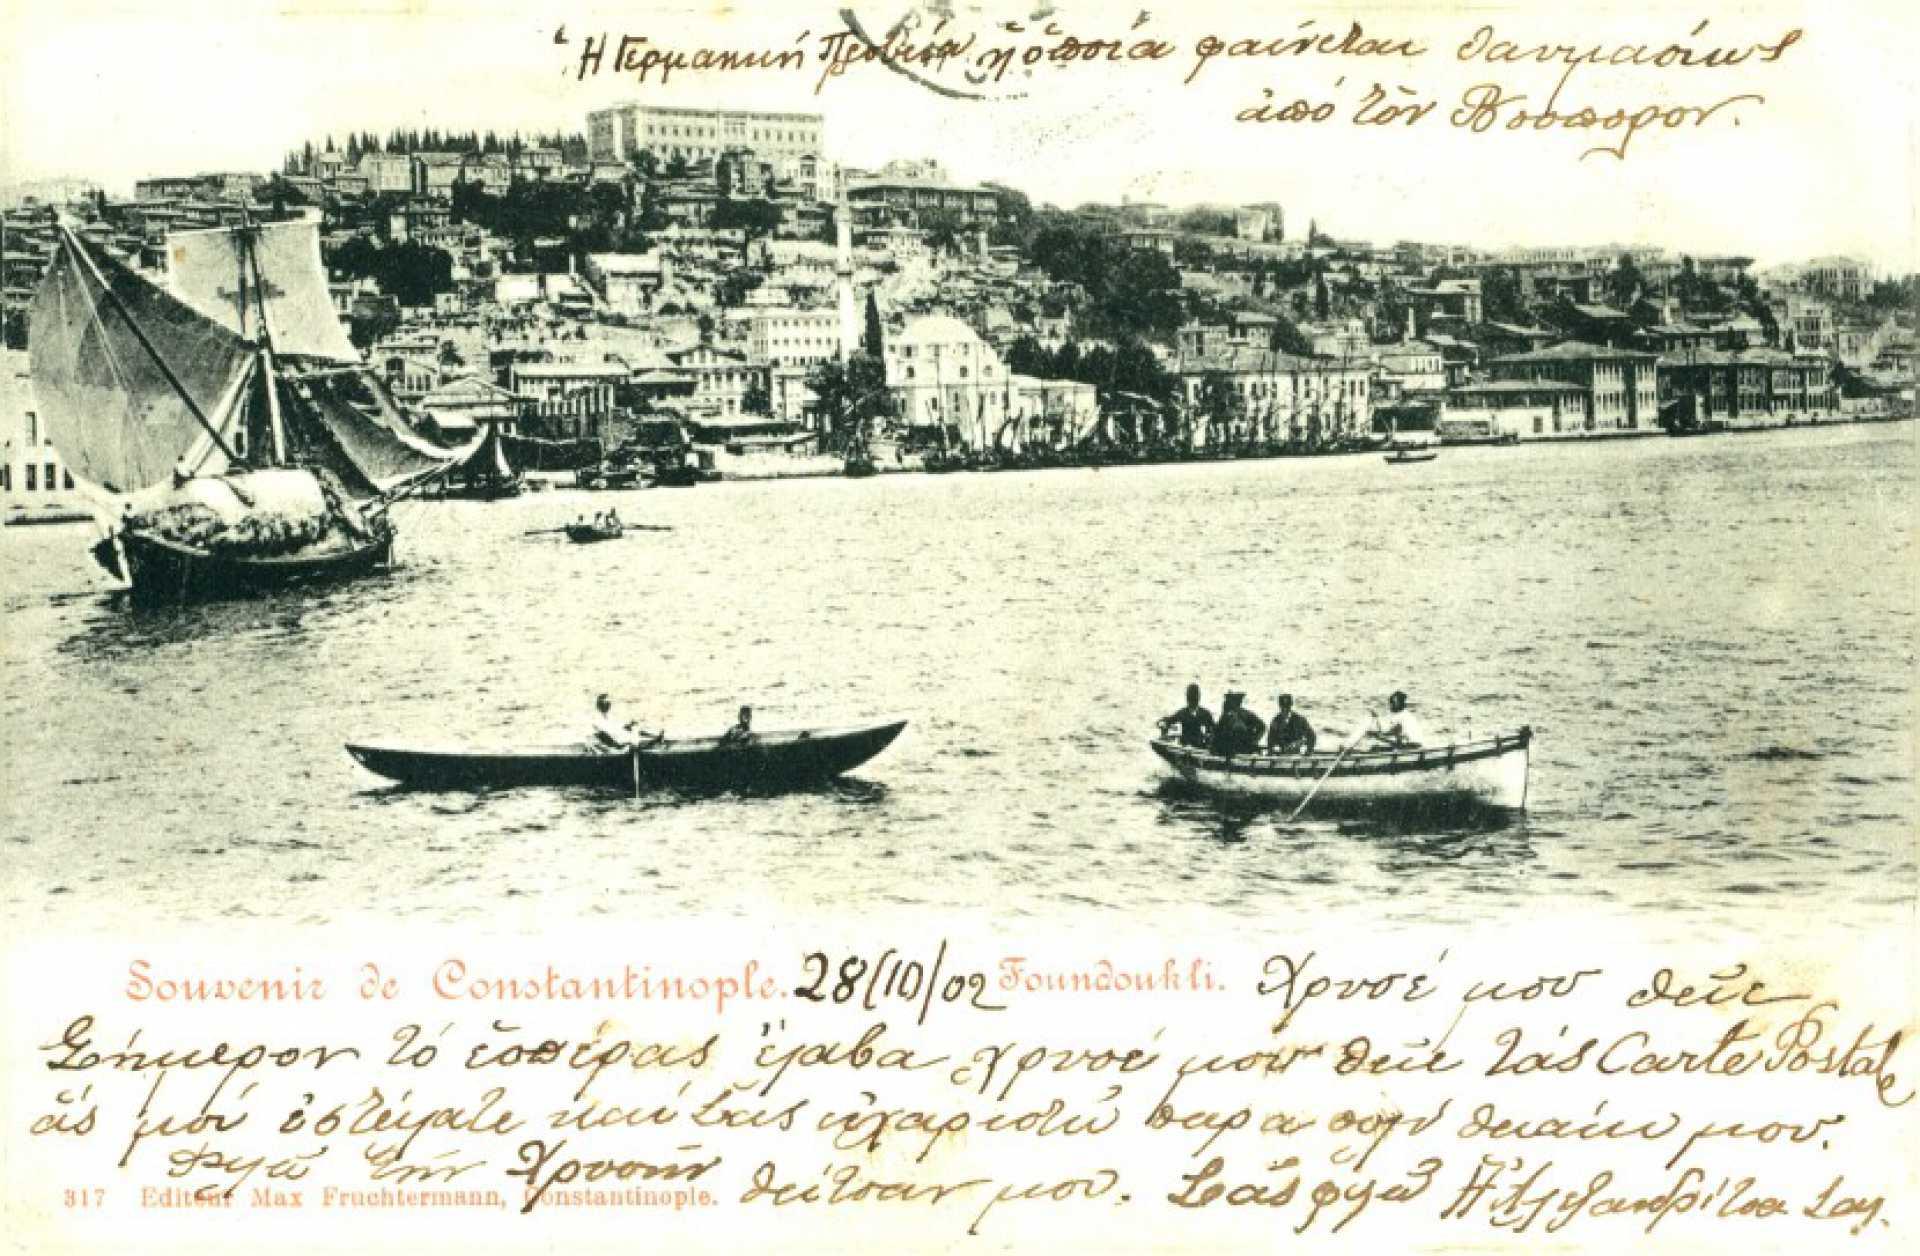 Souvenir de Constantinople. Foundoukli